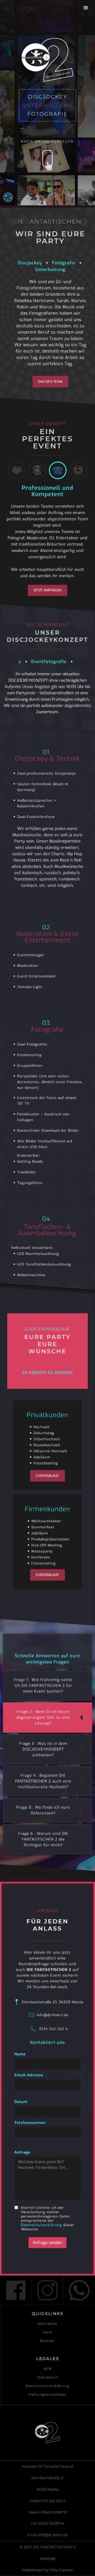 Mobile Vorschau für die Webseite dj-feiern.de